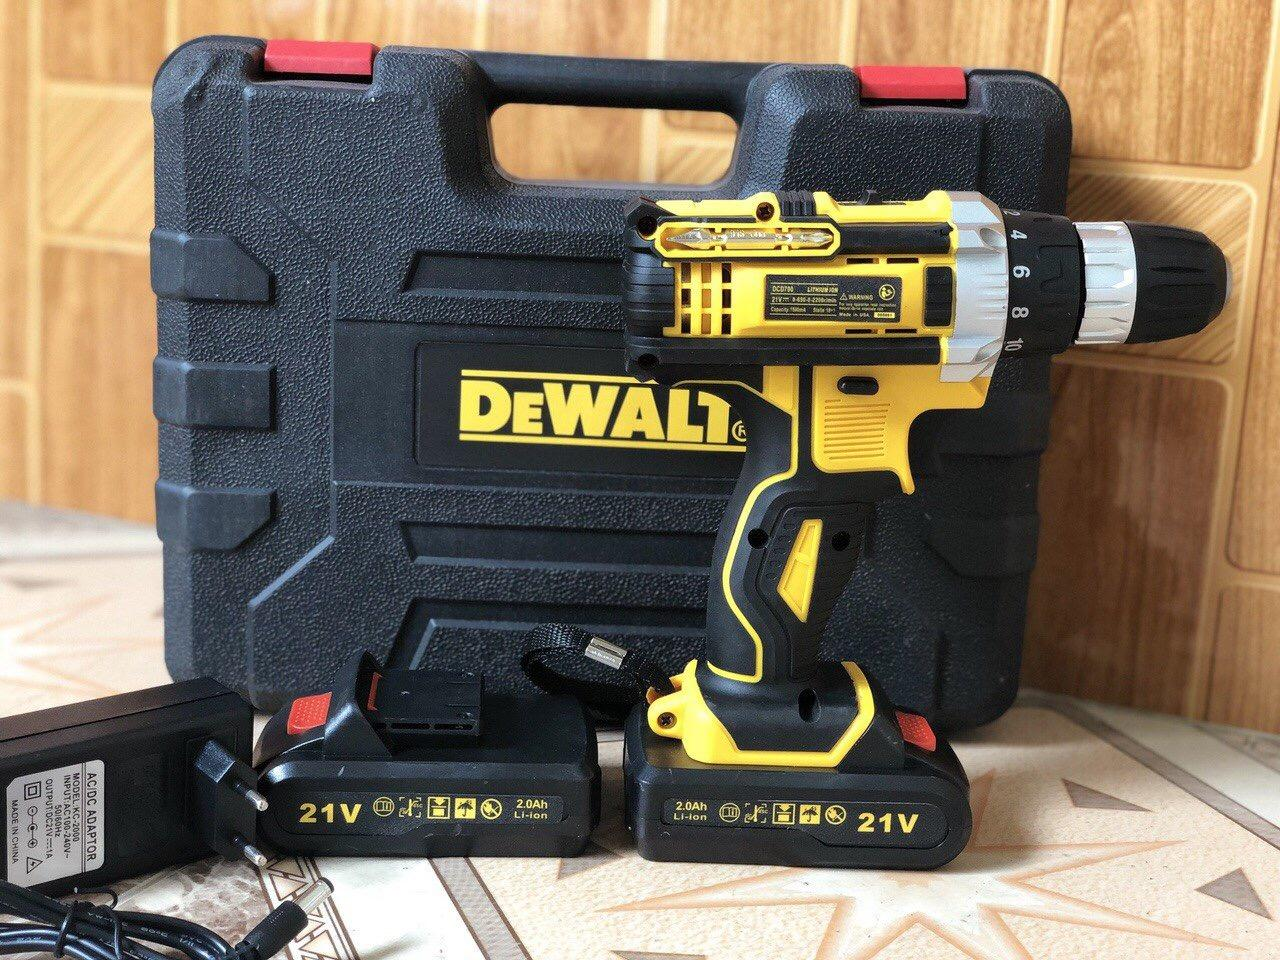 Máy khoan pin Dewal pin 21V có Búa -cực khỏe loại tốt, khoan gỗ , khoan sắt, khoan gạch men, vít ốc đa năng